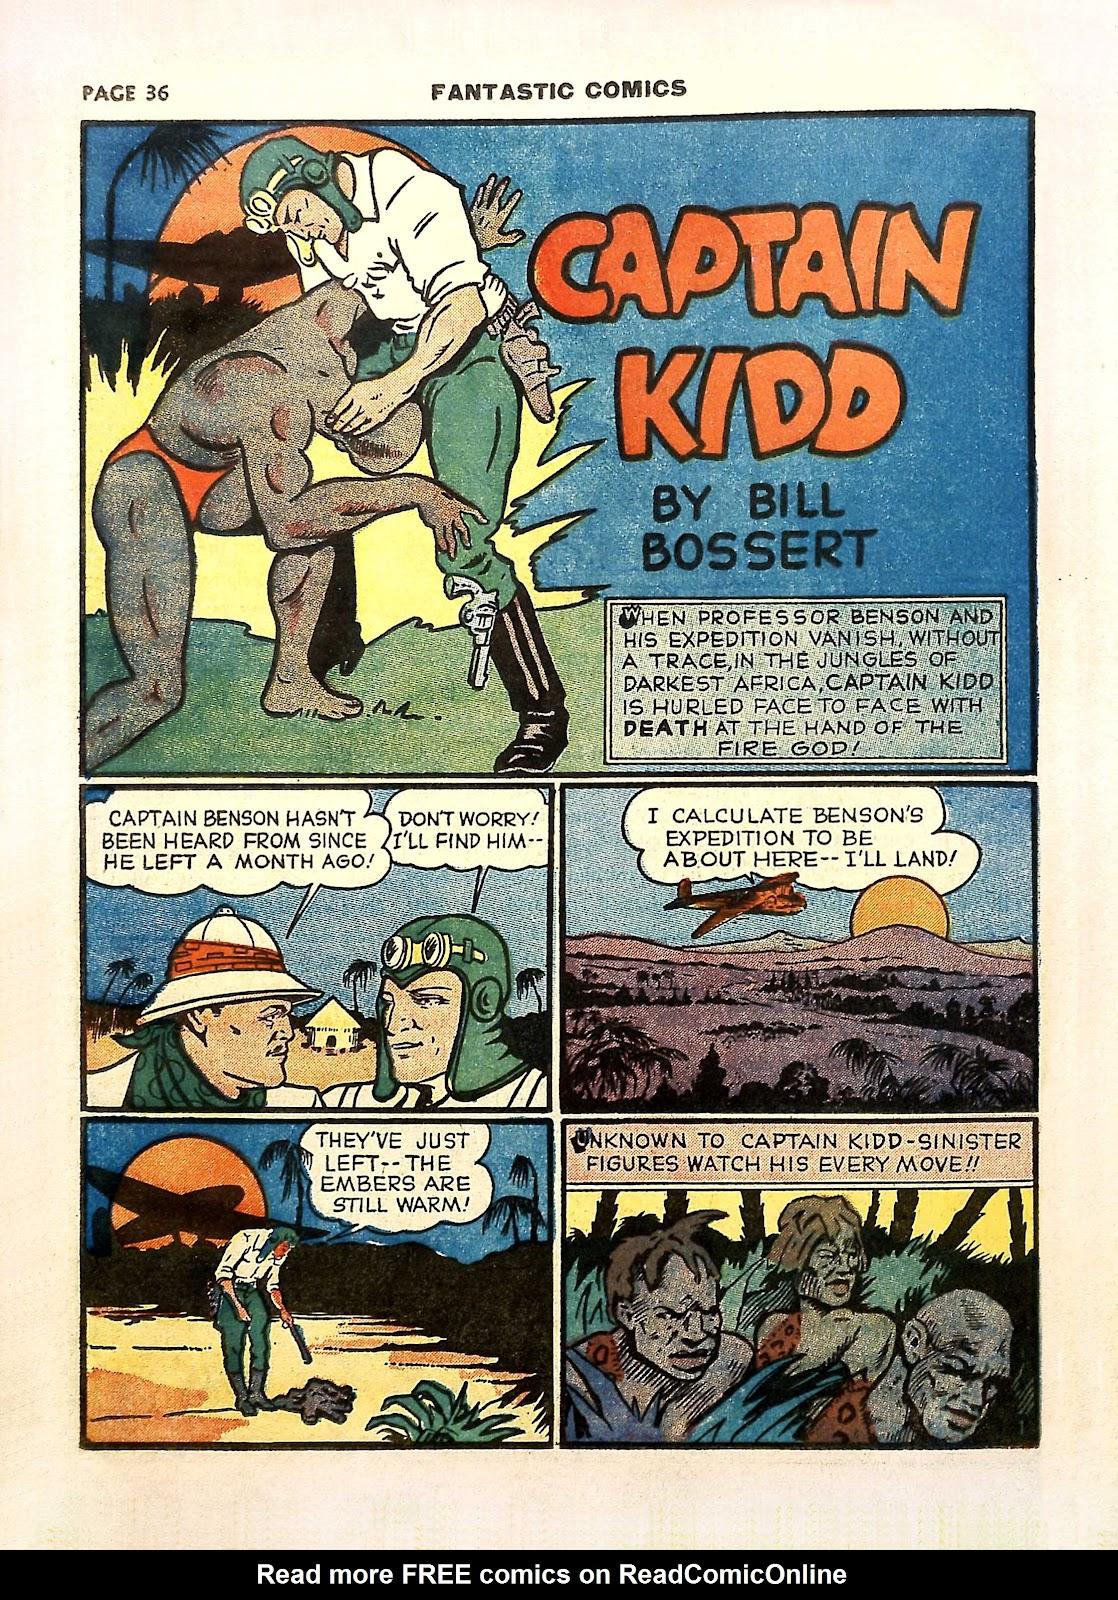 Read online Fantastic Comics comic -  Issue #11 - 39